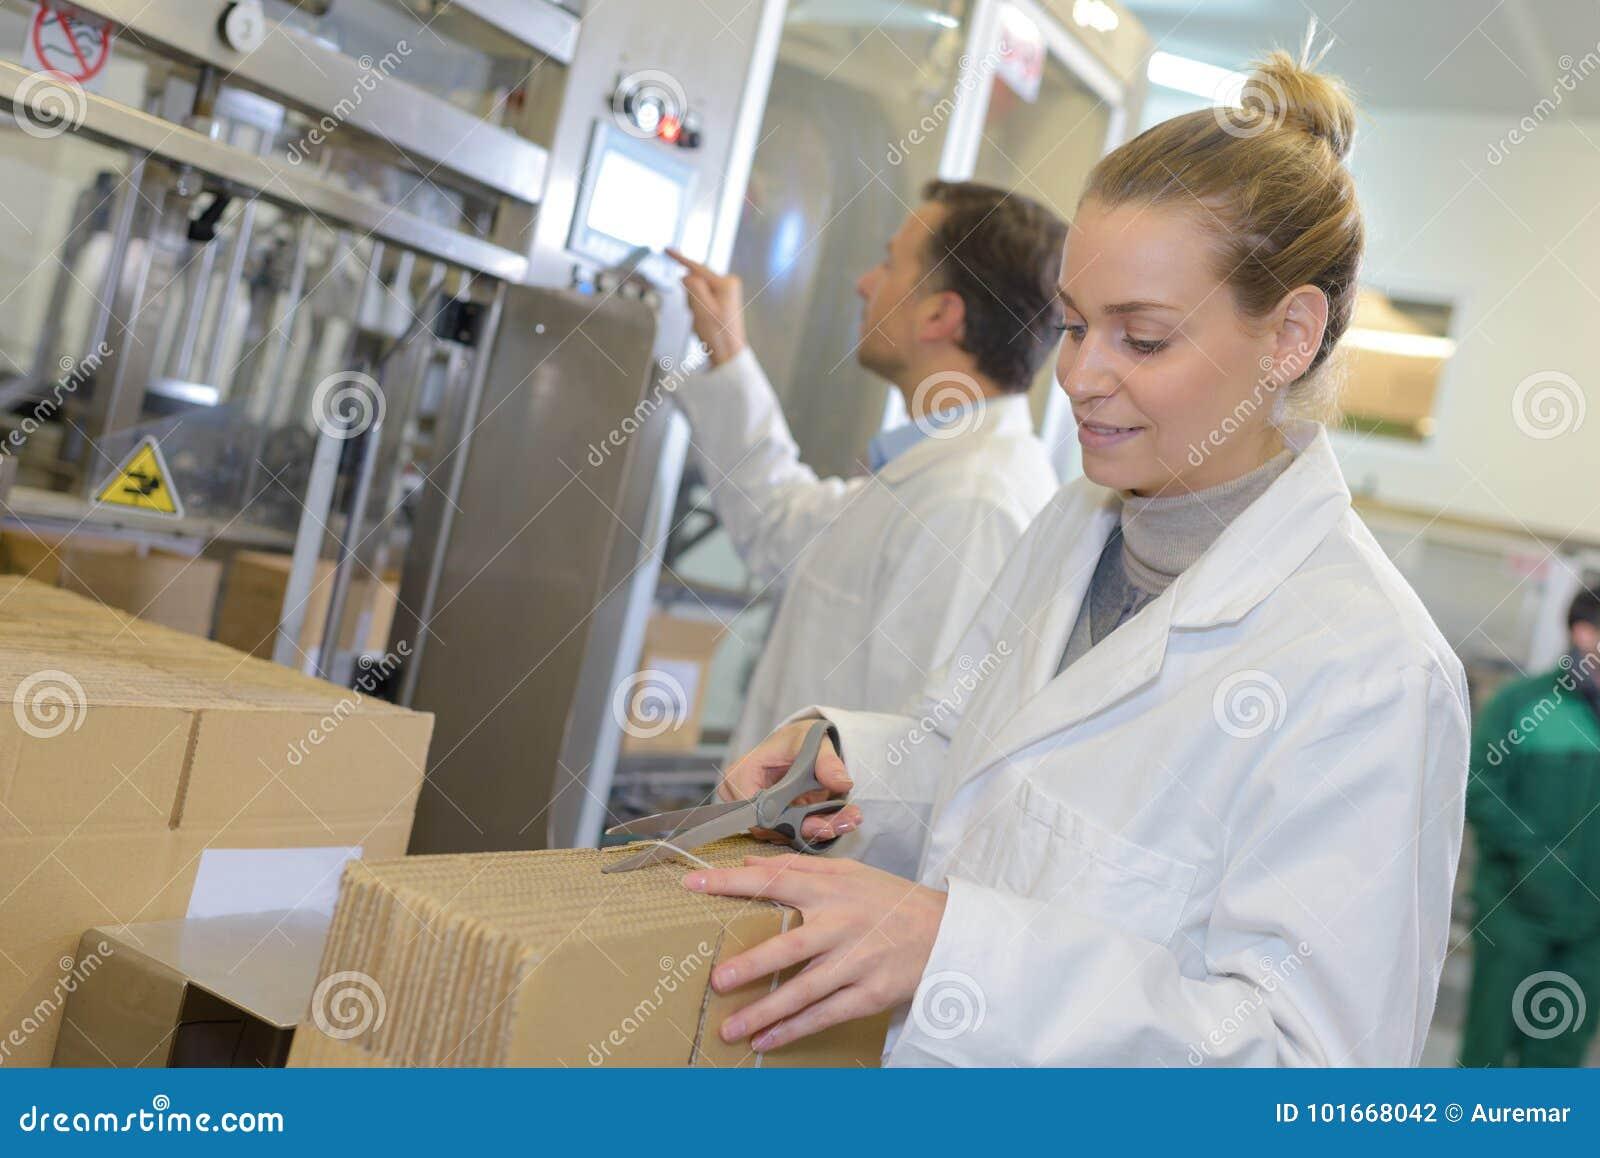 Caixa de cartão de sorriso da abertura do gerente do armazém no grande armazém